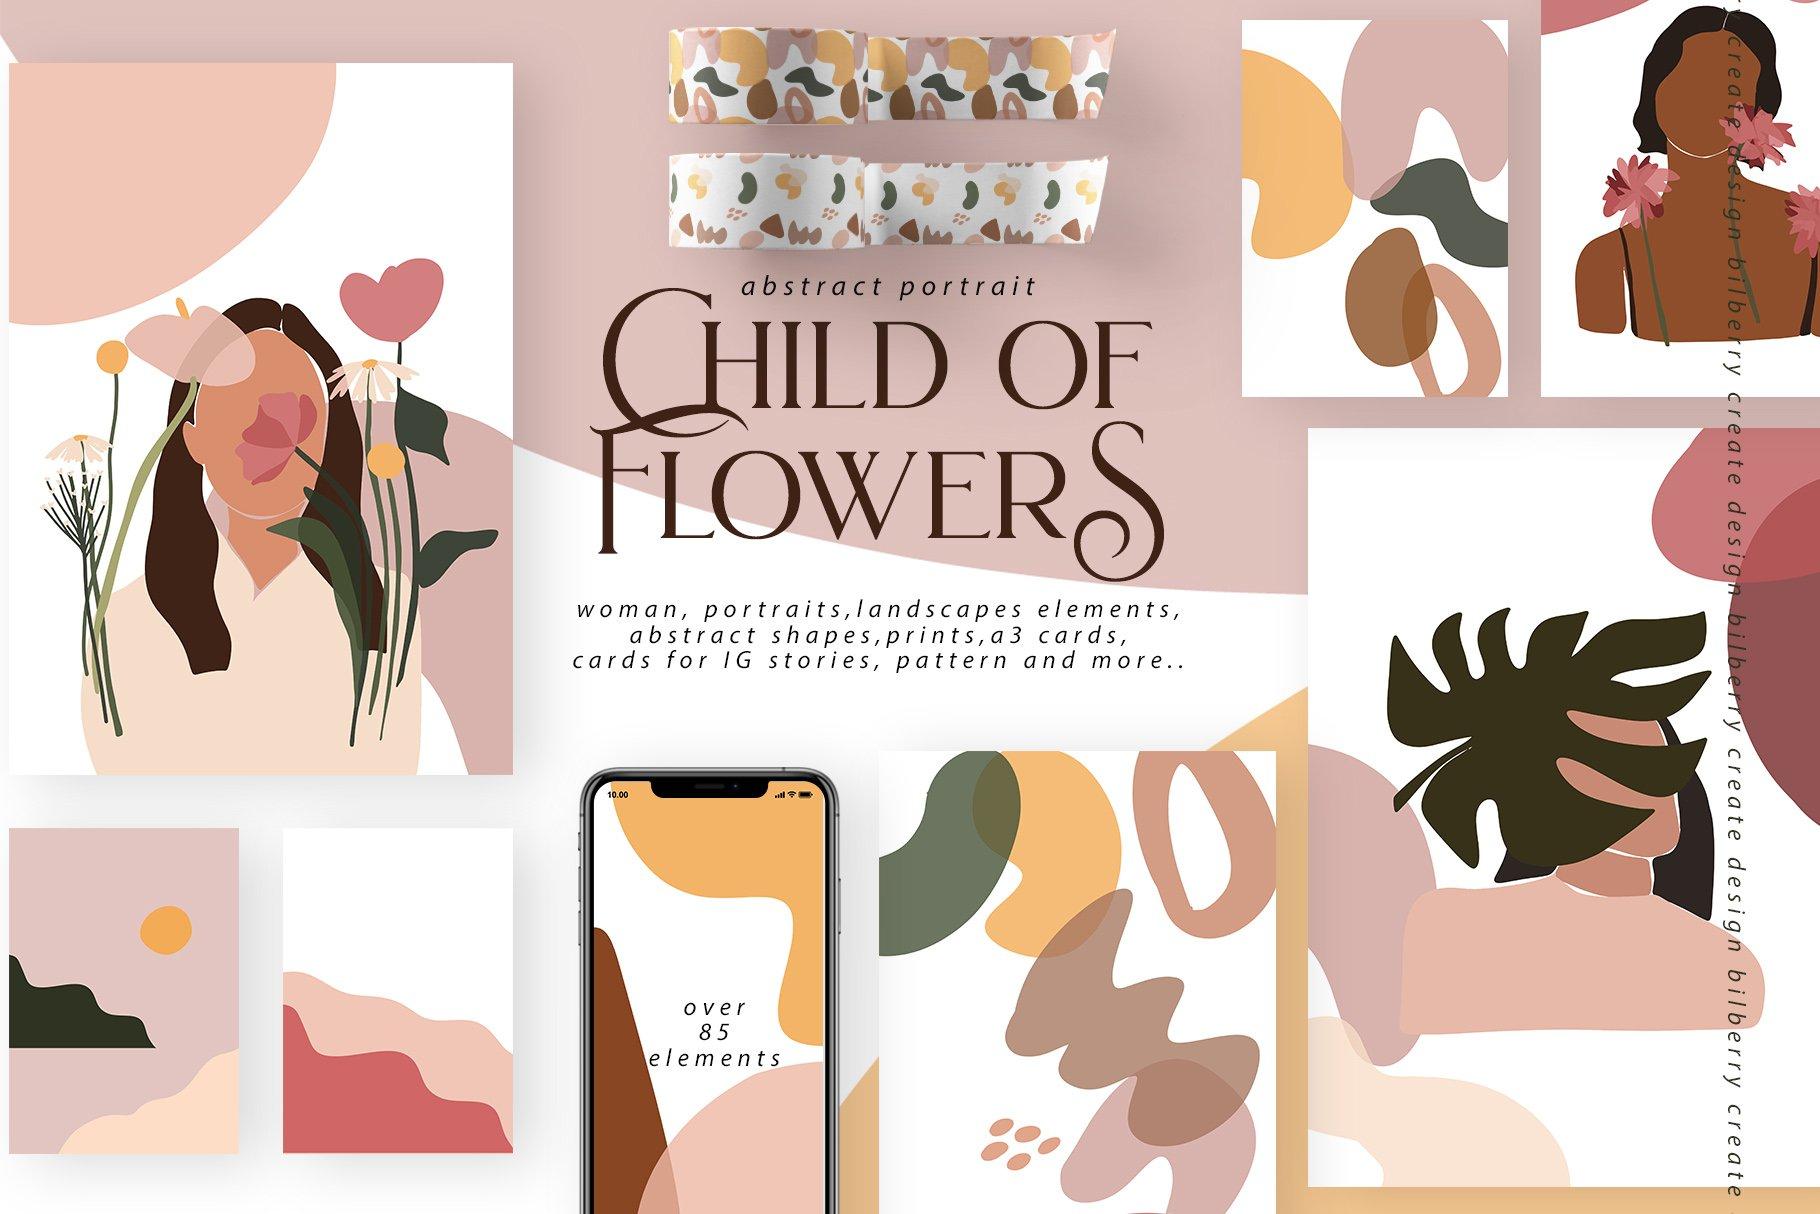 85多个抽象女孩风景形状矢量图案素材 Child Of Flowers Abstract Portrait插图